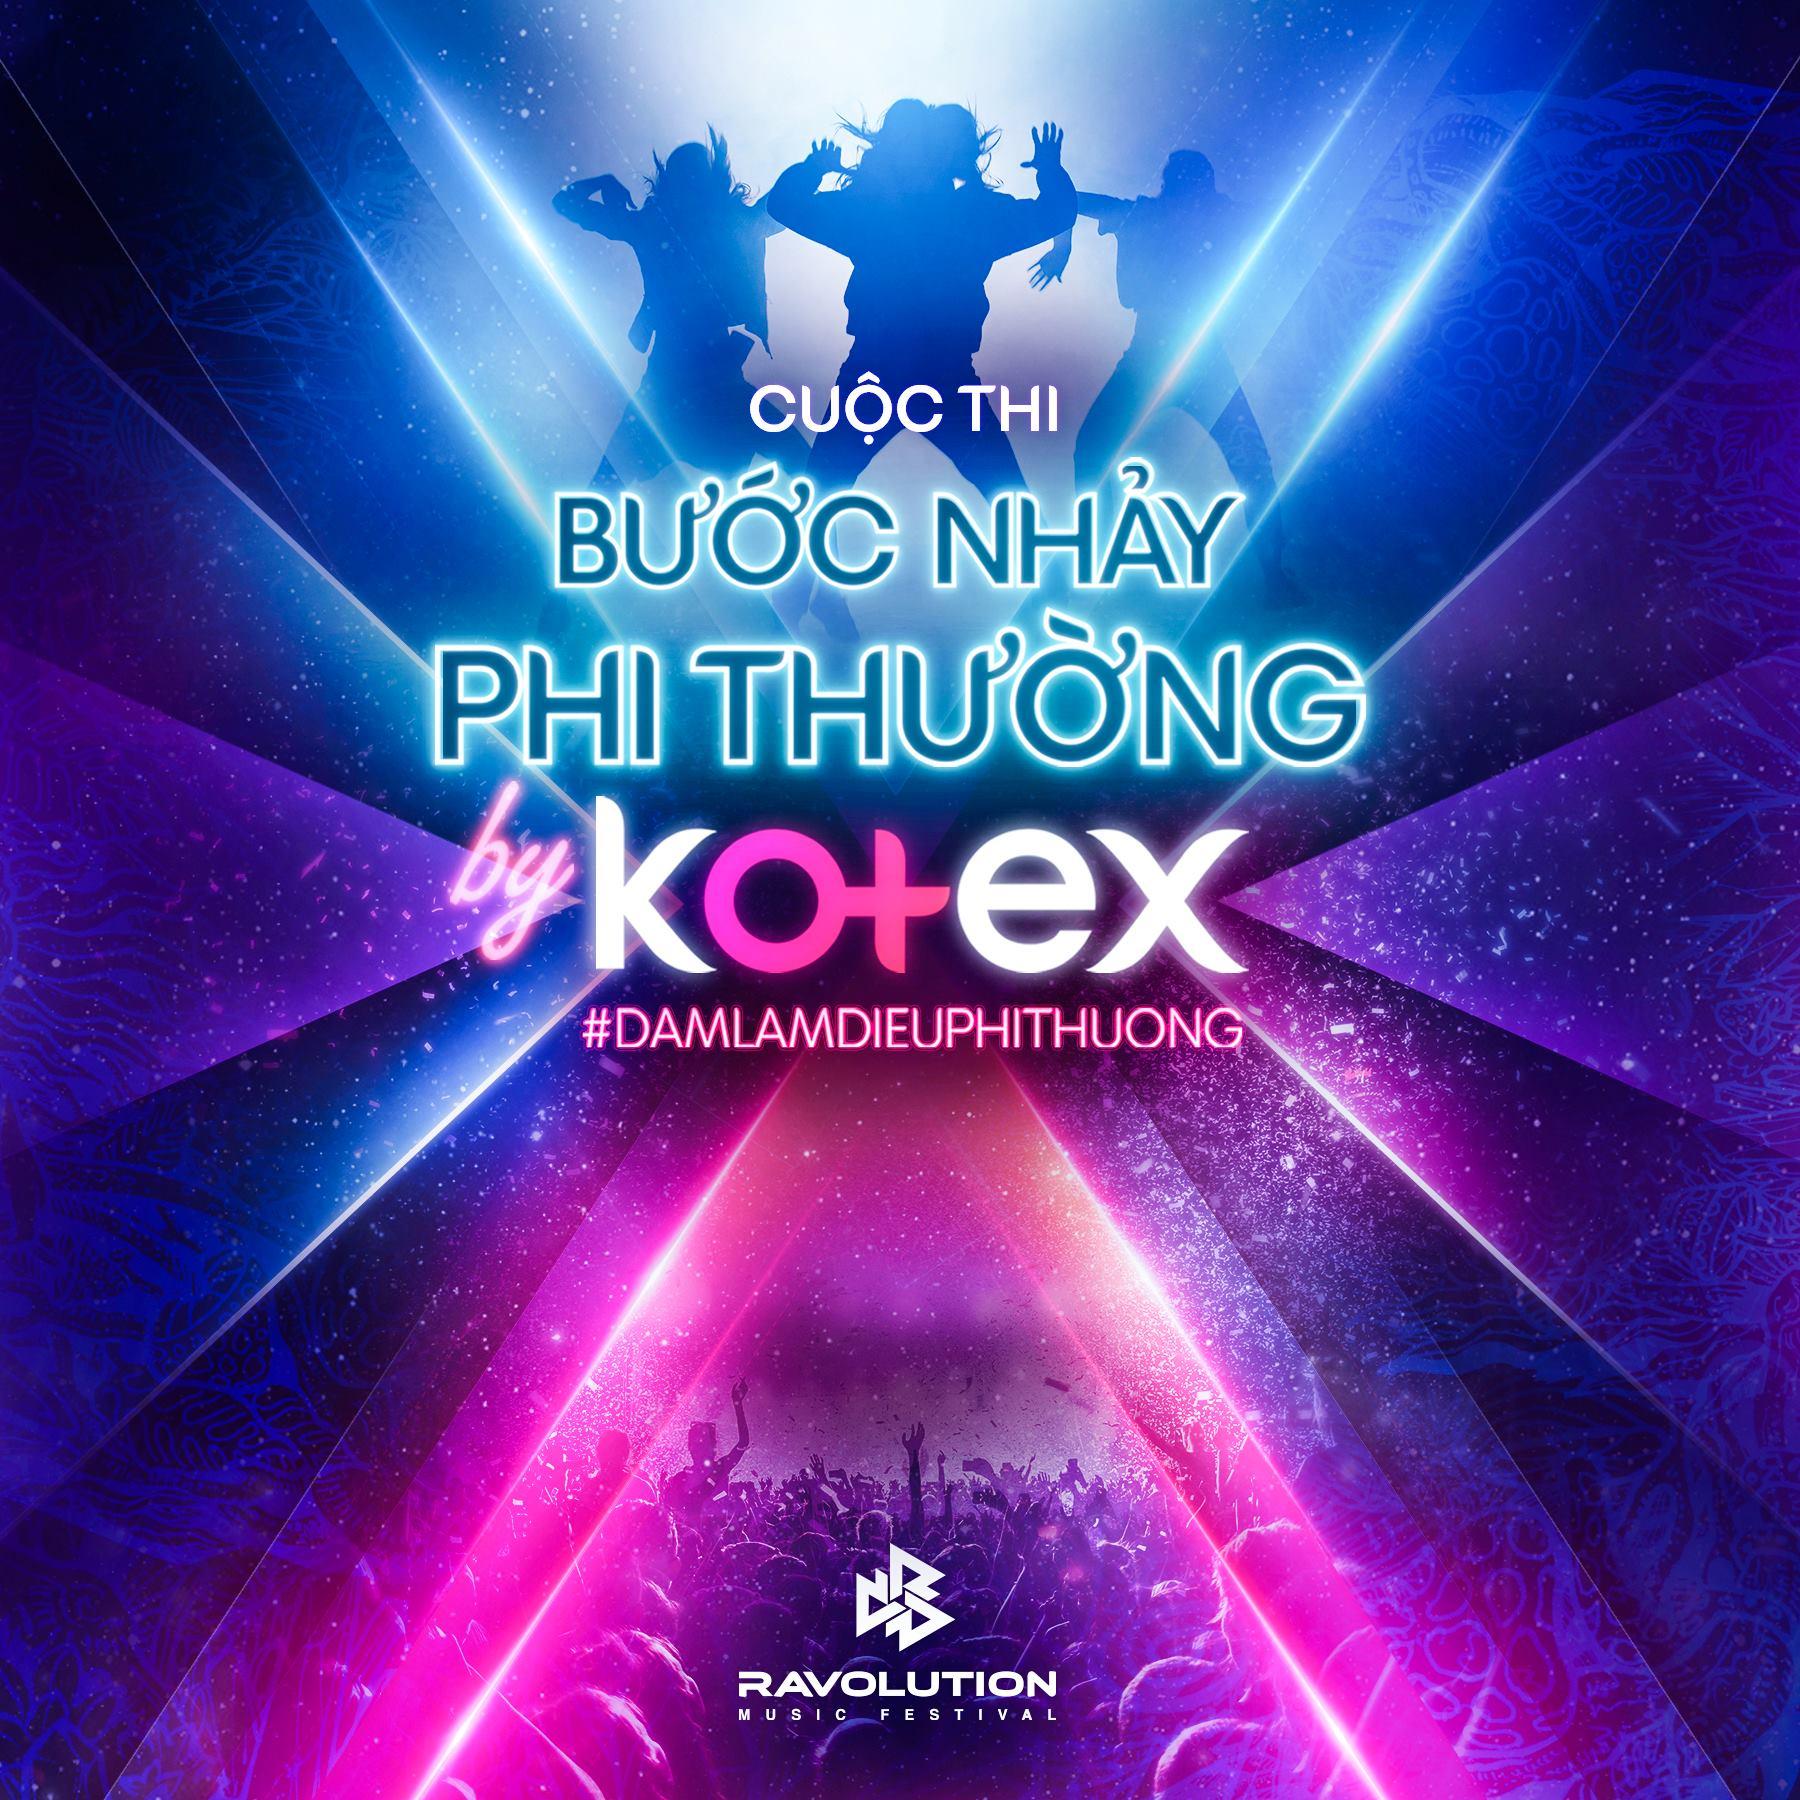 Kotex truyền cảm hứng tới các ravers nữ trong chuỗi sự kiện Road To Ravolution tại 2 thành phố lớn - Ảnh 4.